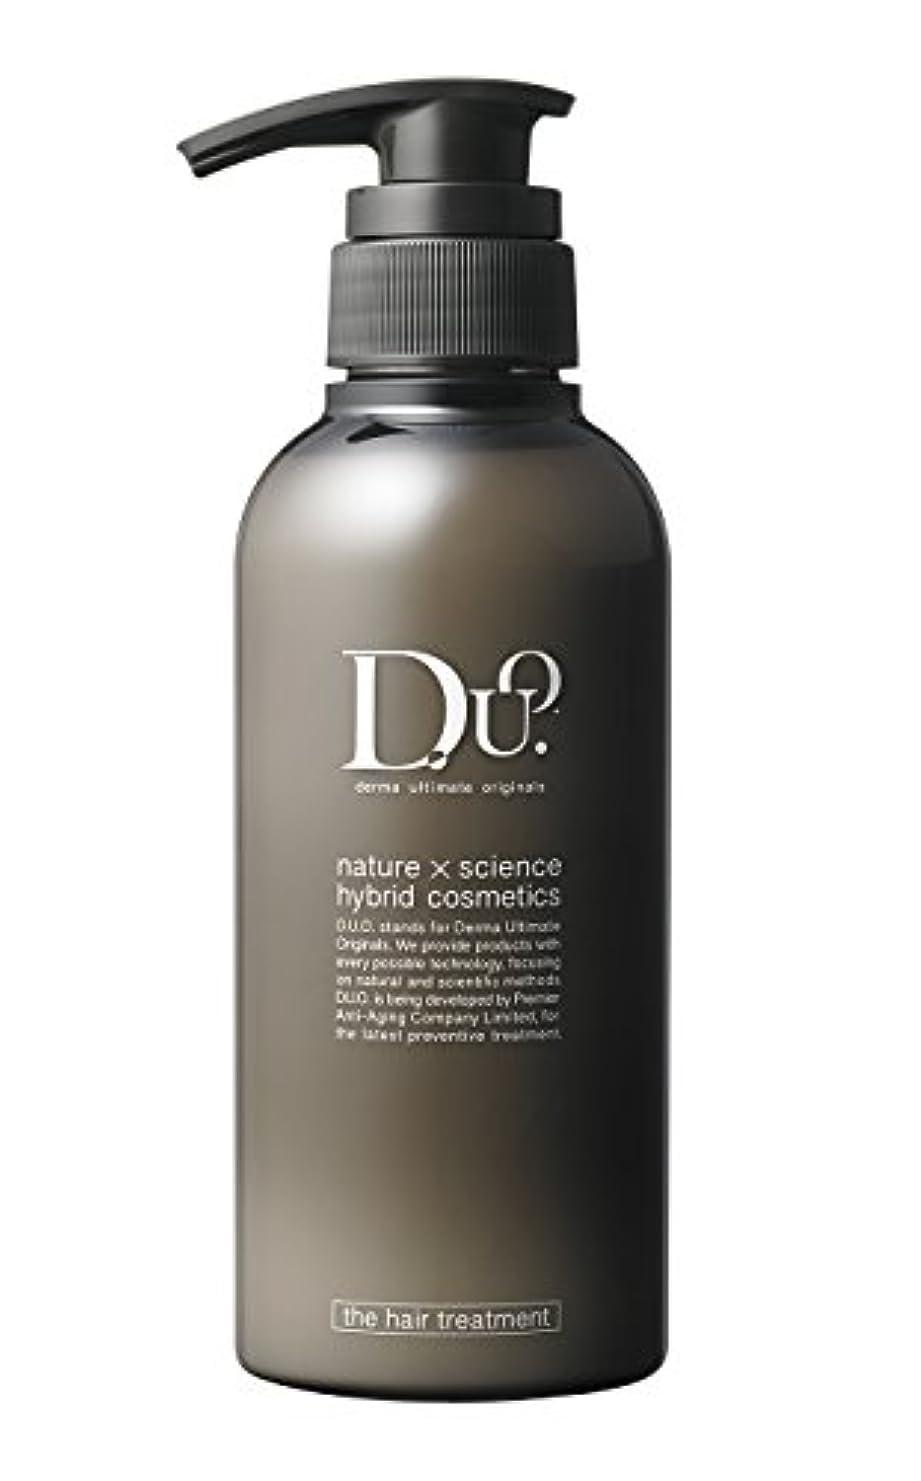 データベース文芸やけどD.U.O. ザ ヘアトリートメント 320ml【髪のキューティクルケア】ノンシリコン 植物オイル配合 ダマスクローズの香り